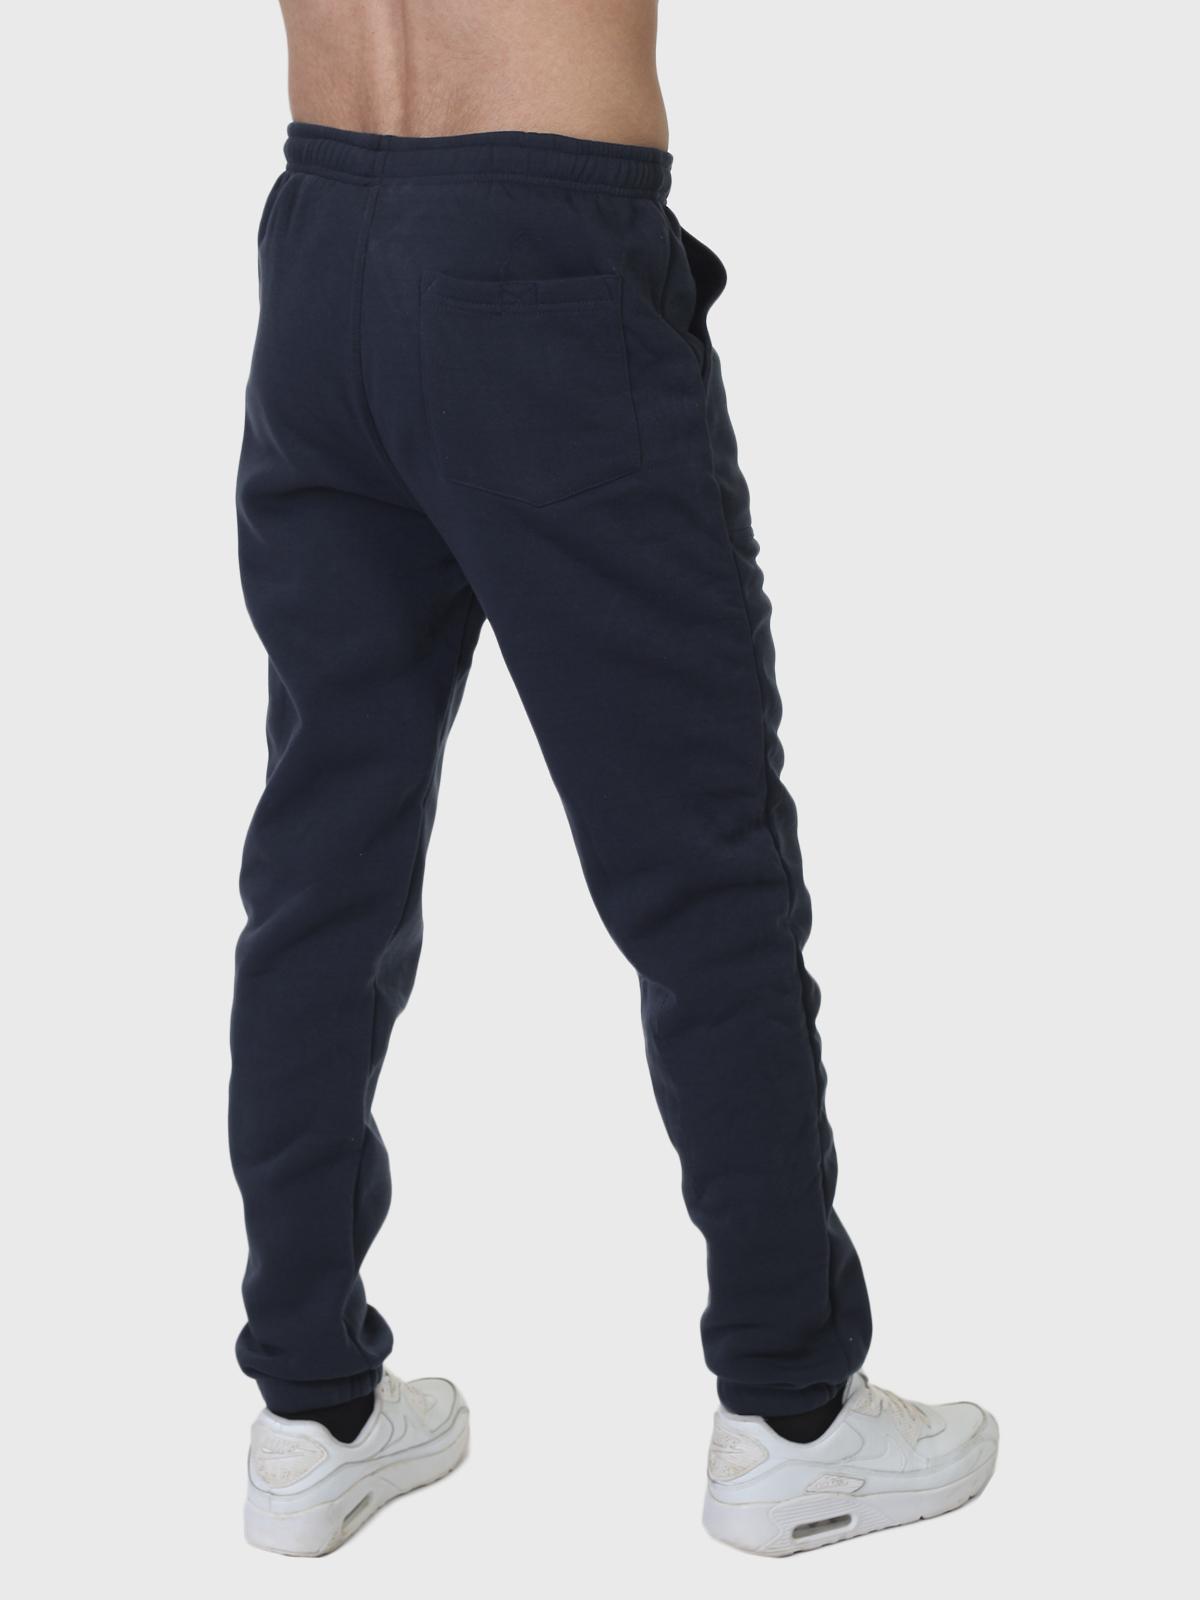 Теплые мужские штаны на флисе от Lowes (Австралия) заказать в Военпро